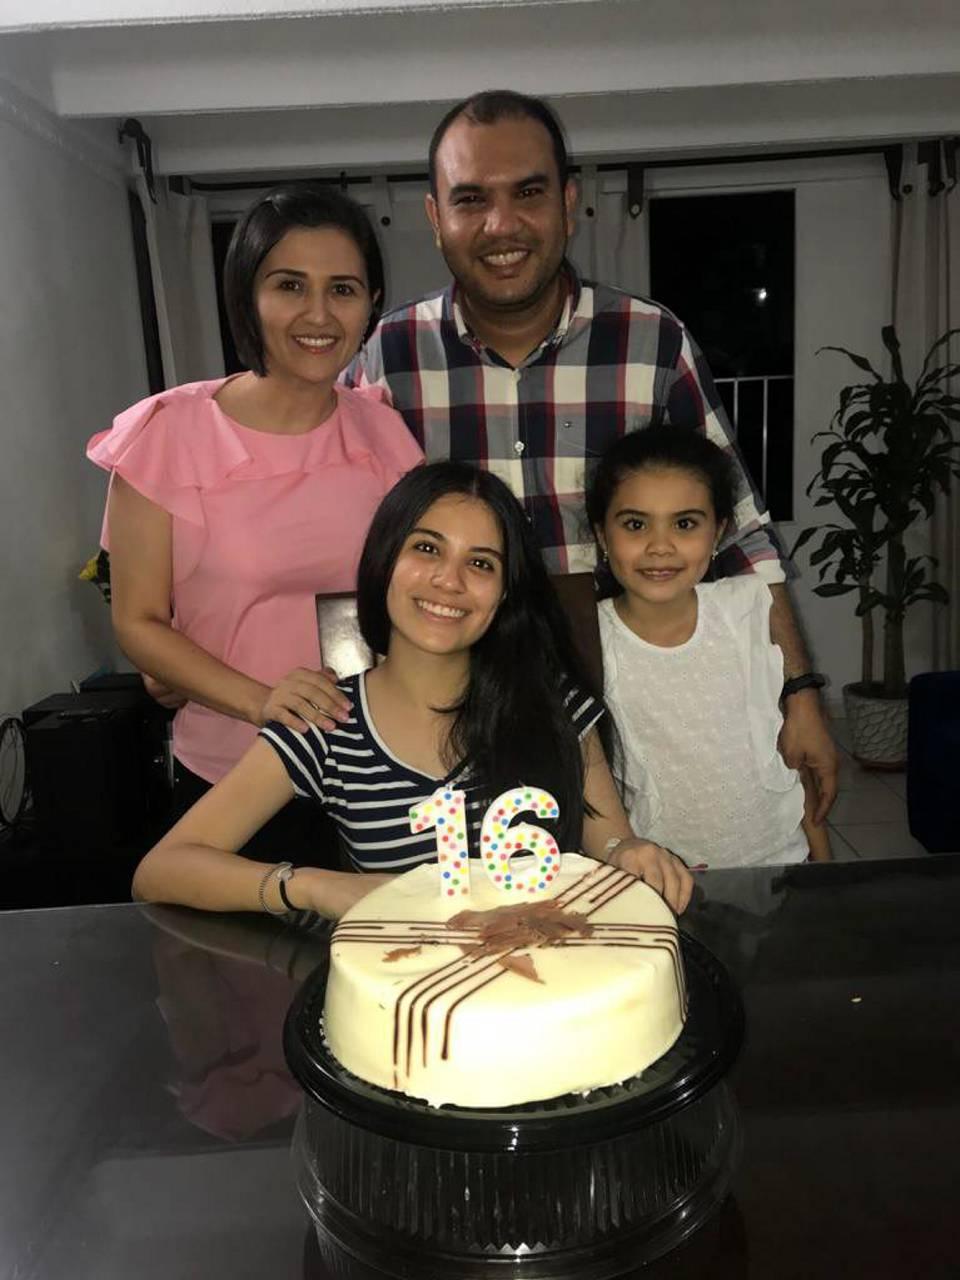 Suministrada/GENTE DE CAÑAVERALViviana Rangel, Valeria Barbosa, Jorge Luis Barbosa y Luciana Barbosa